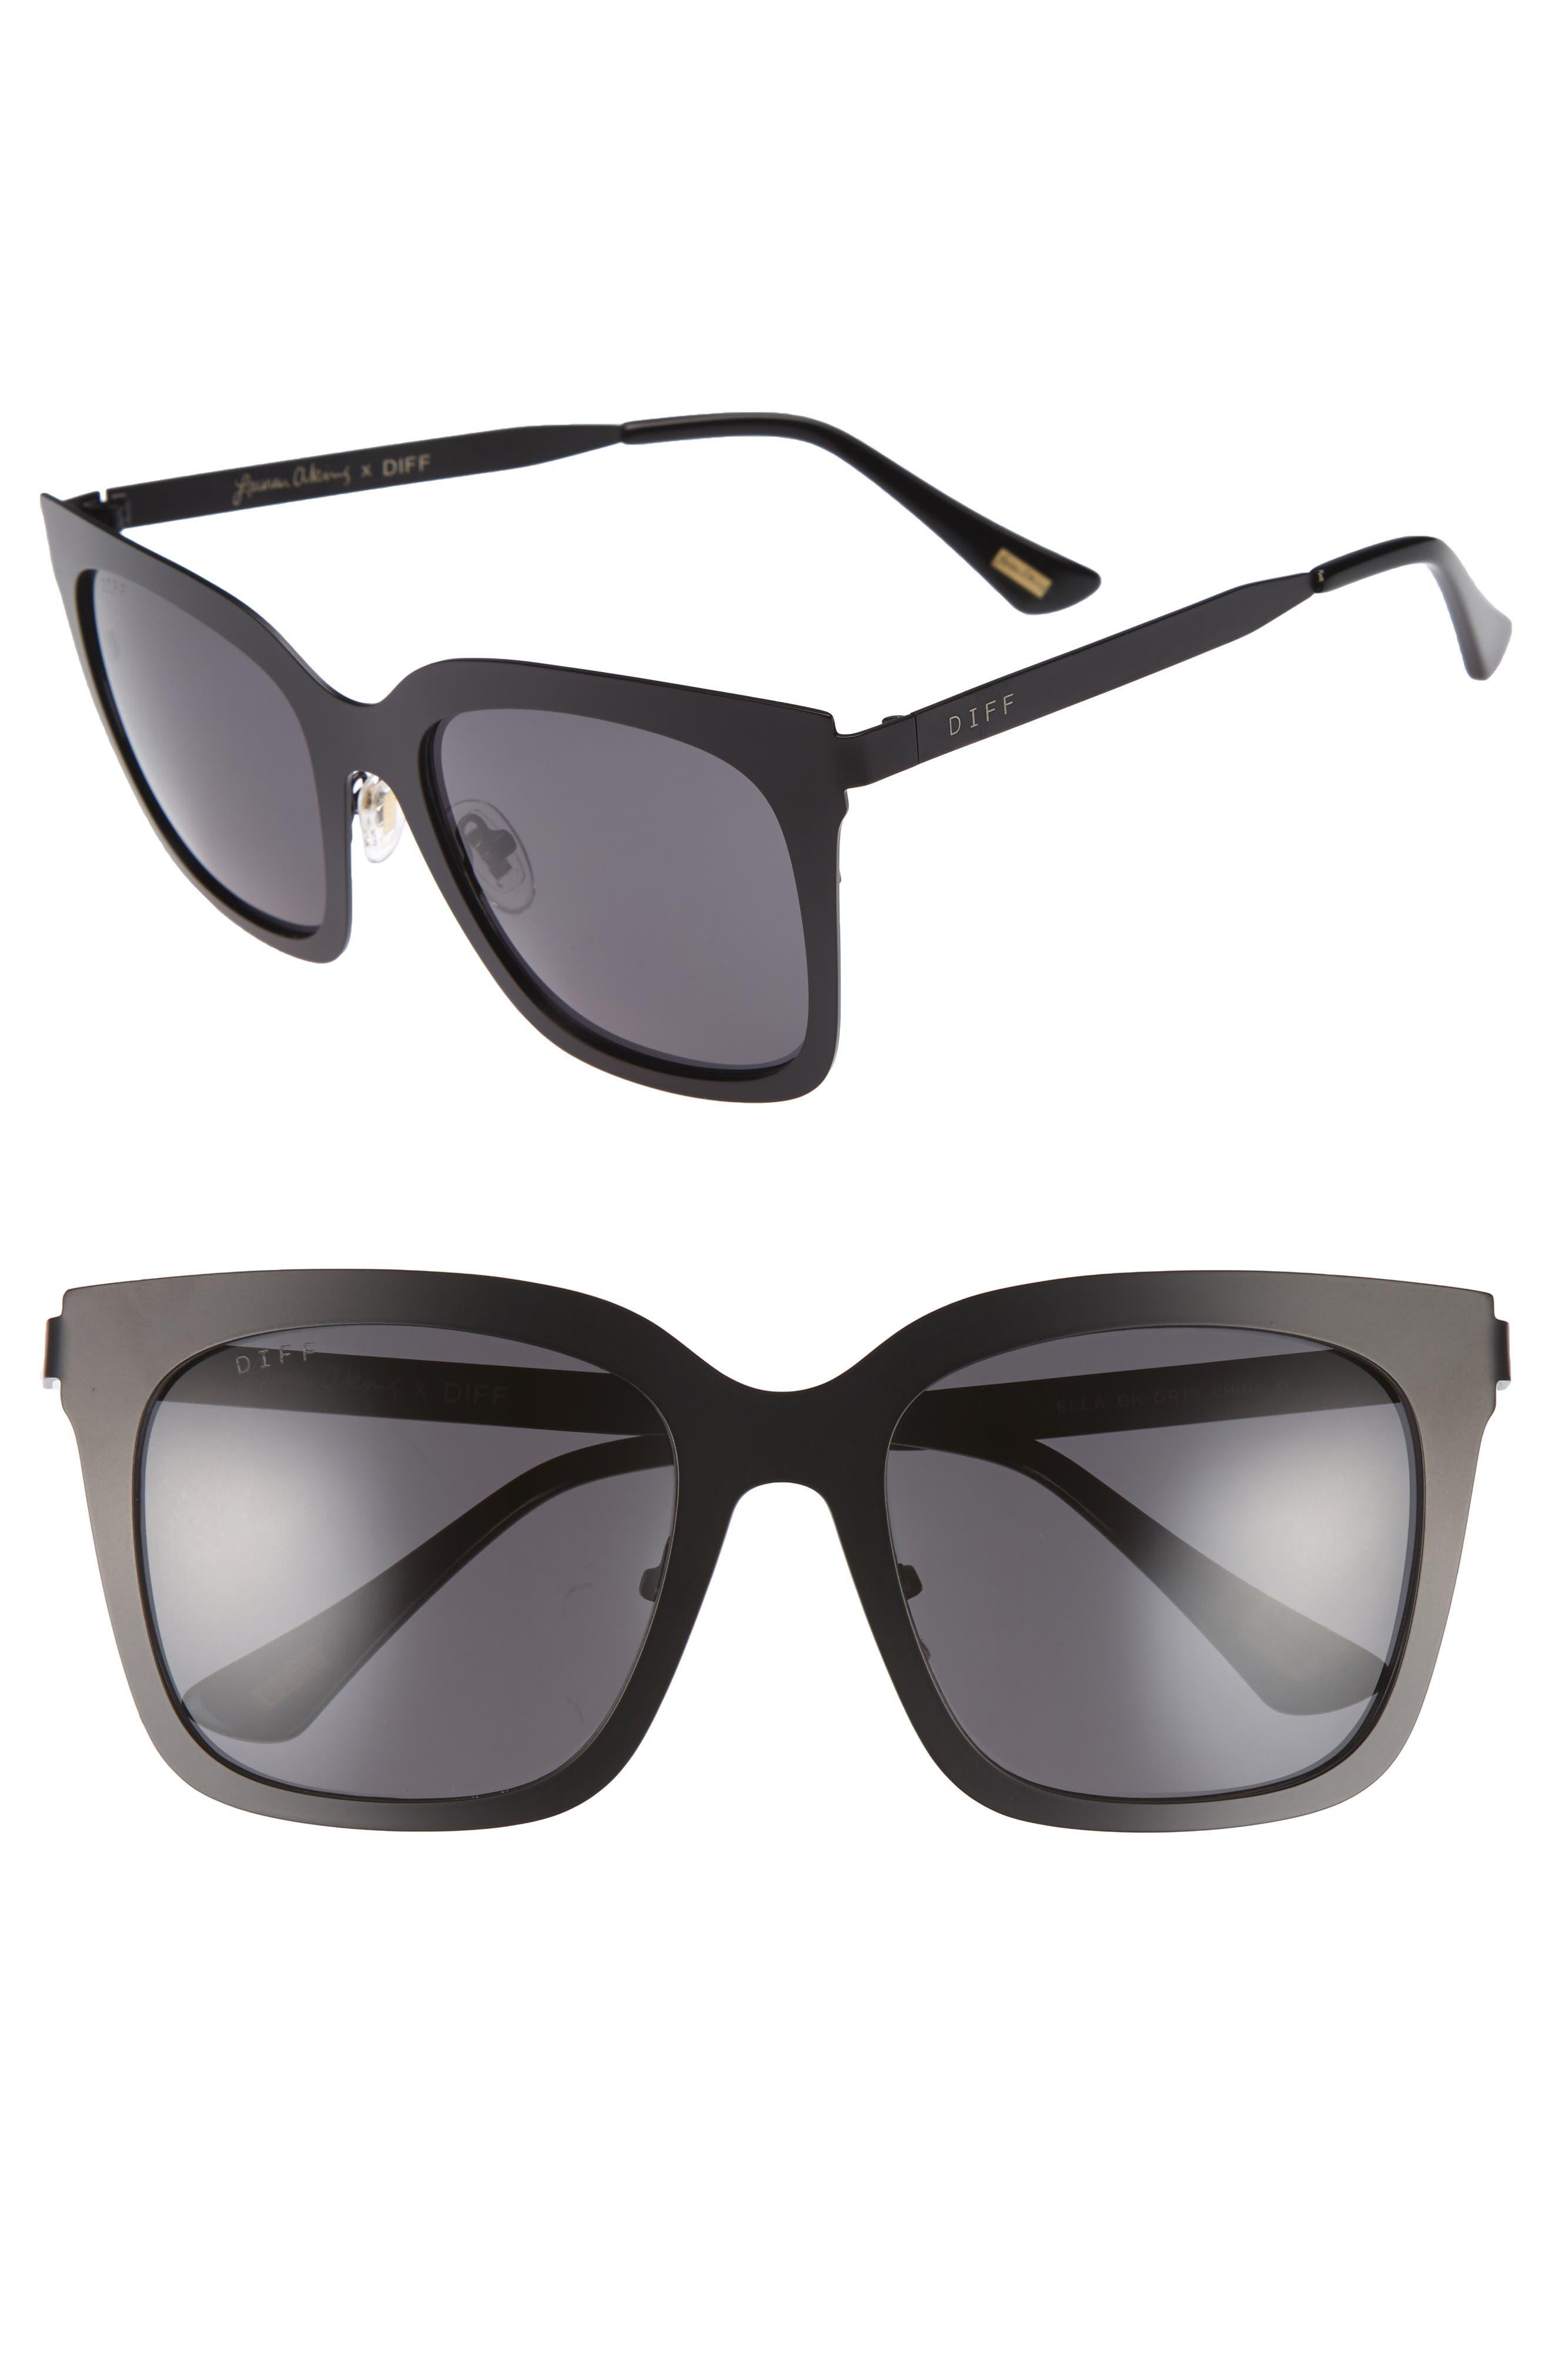 Alternate Image 1 Selected - DIFF x Lauren Akins Ella 53mm Cat Eye Sunglasses